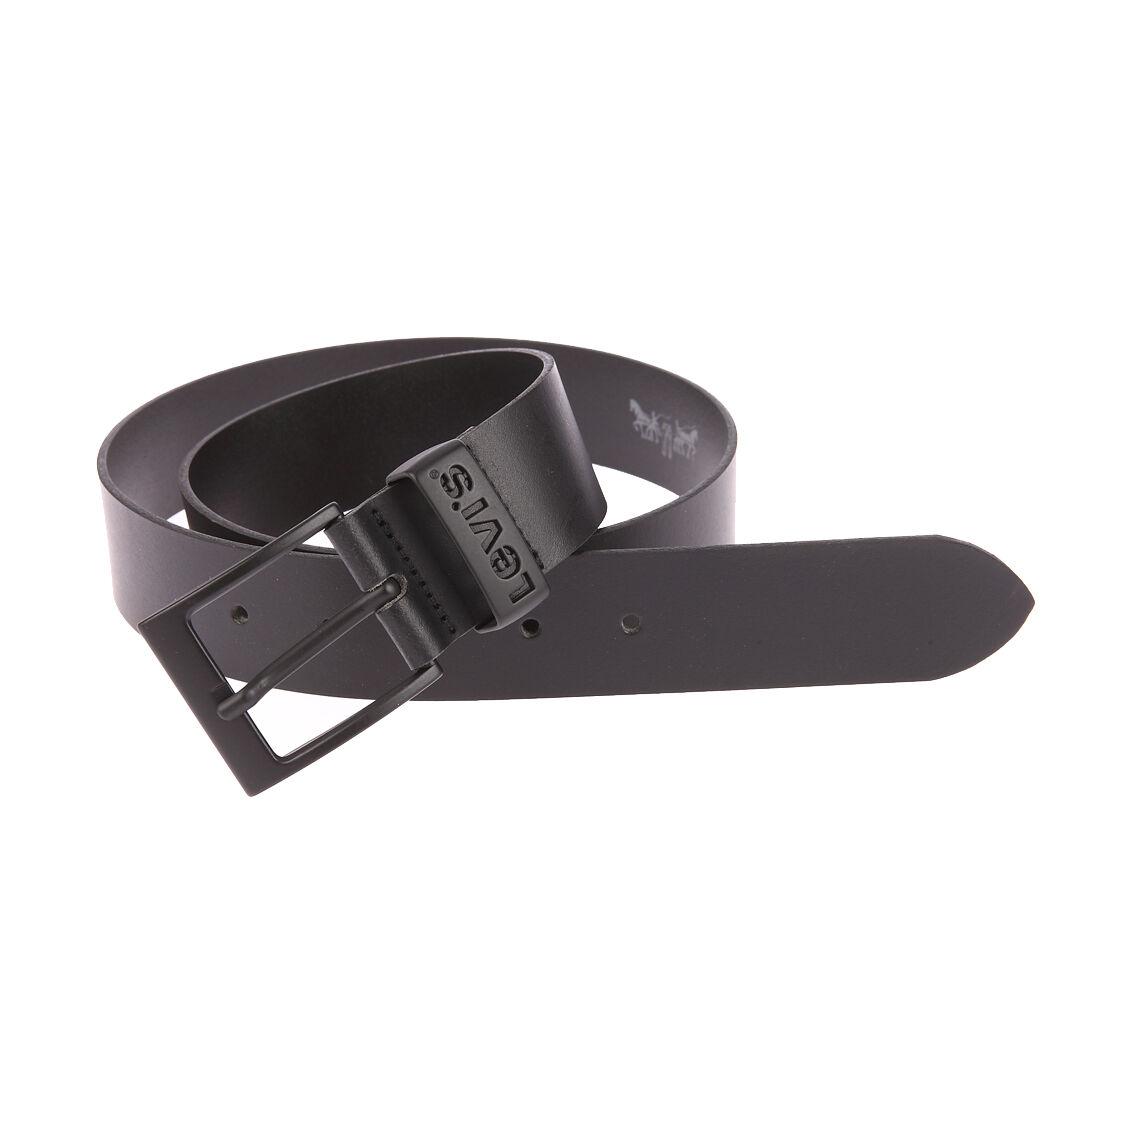 Levi's Accessoires Ceinture Levi's Ashland Gun Metal noire à boucle noire - NOIR - 80 cm